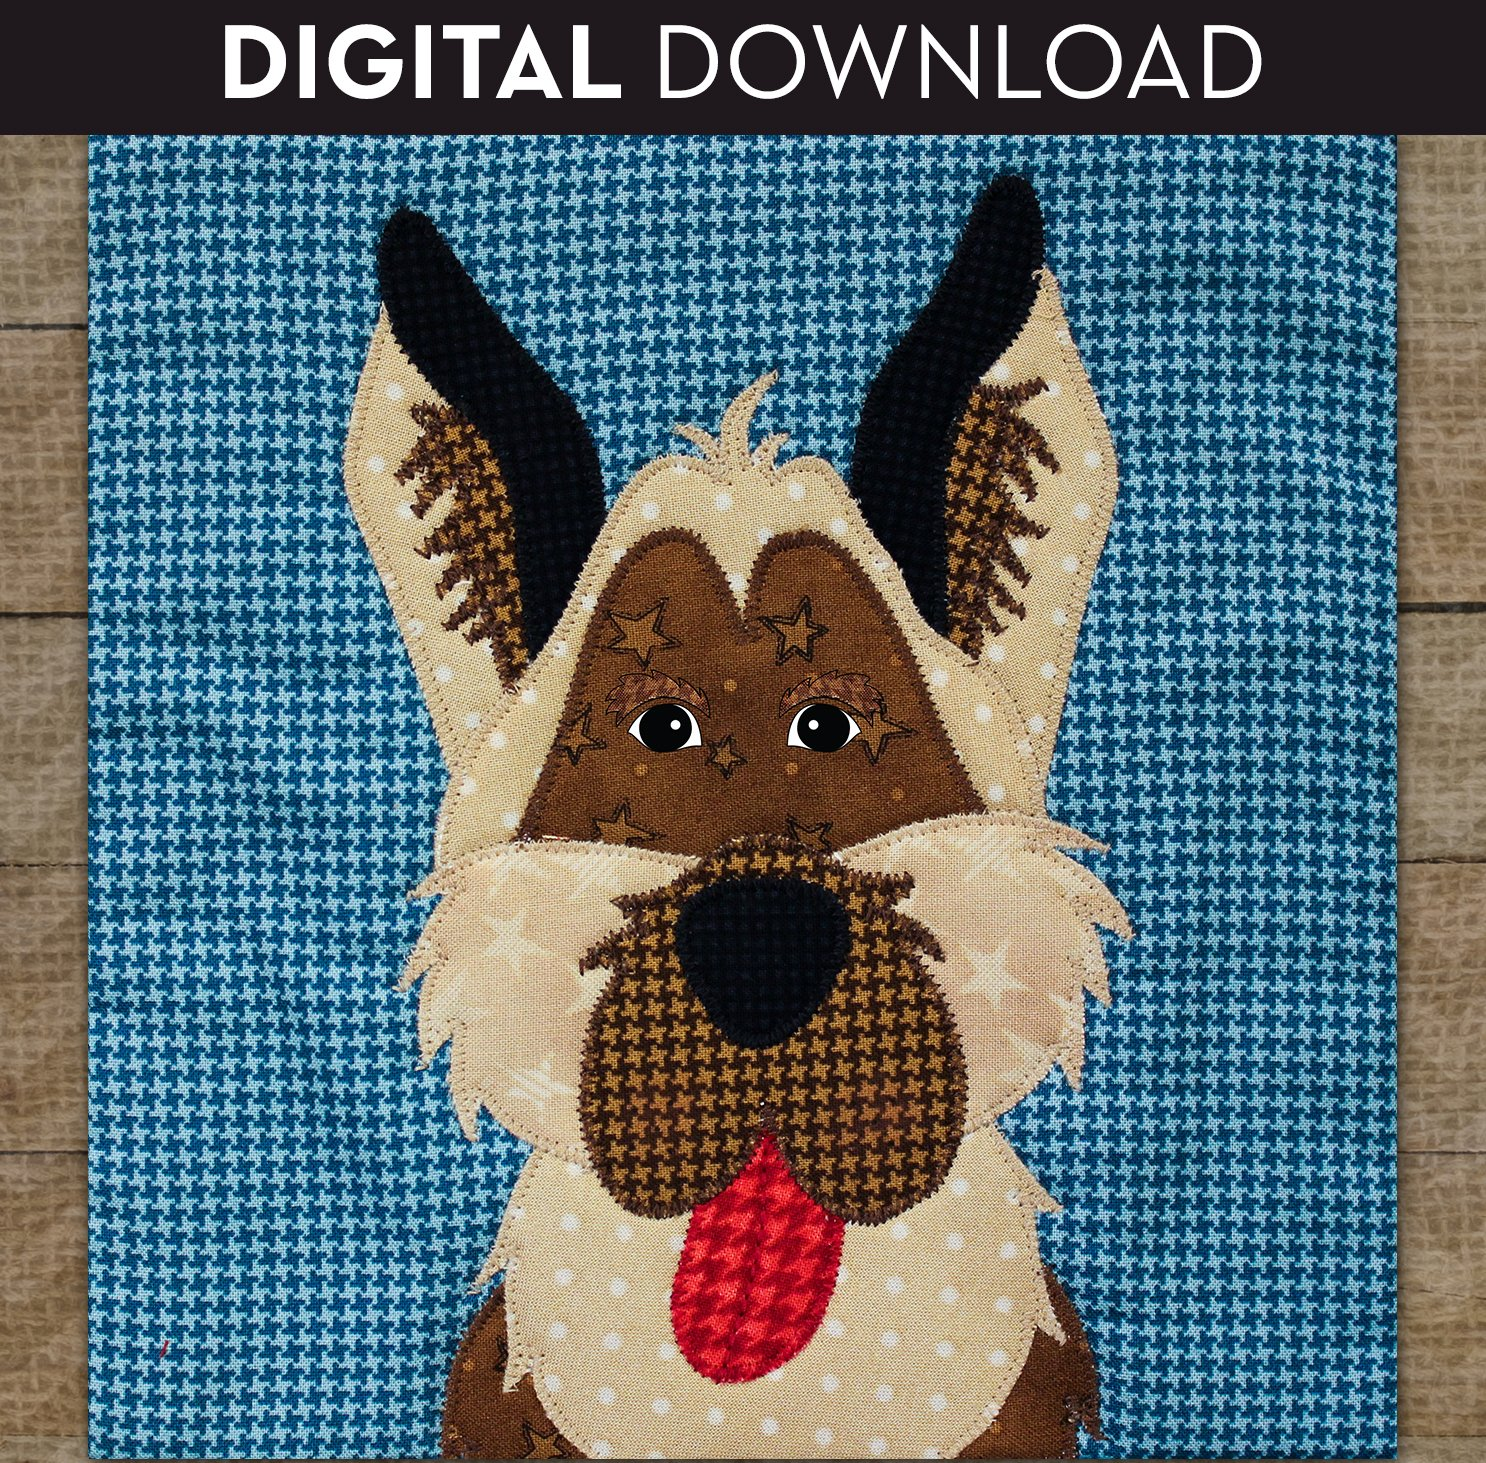 German Shepherd - Download